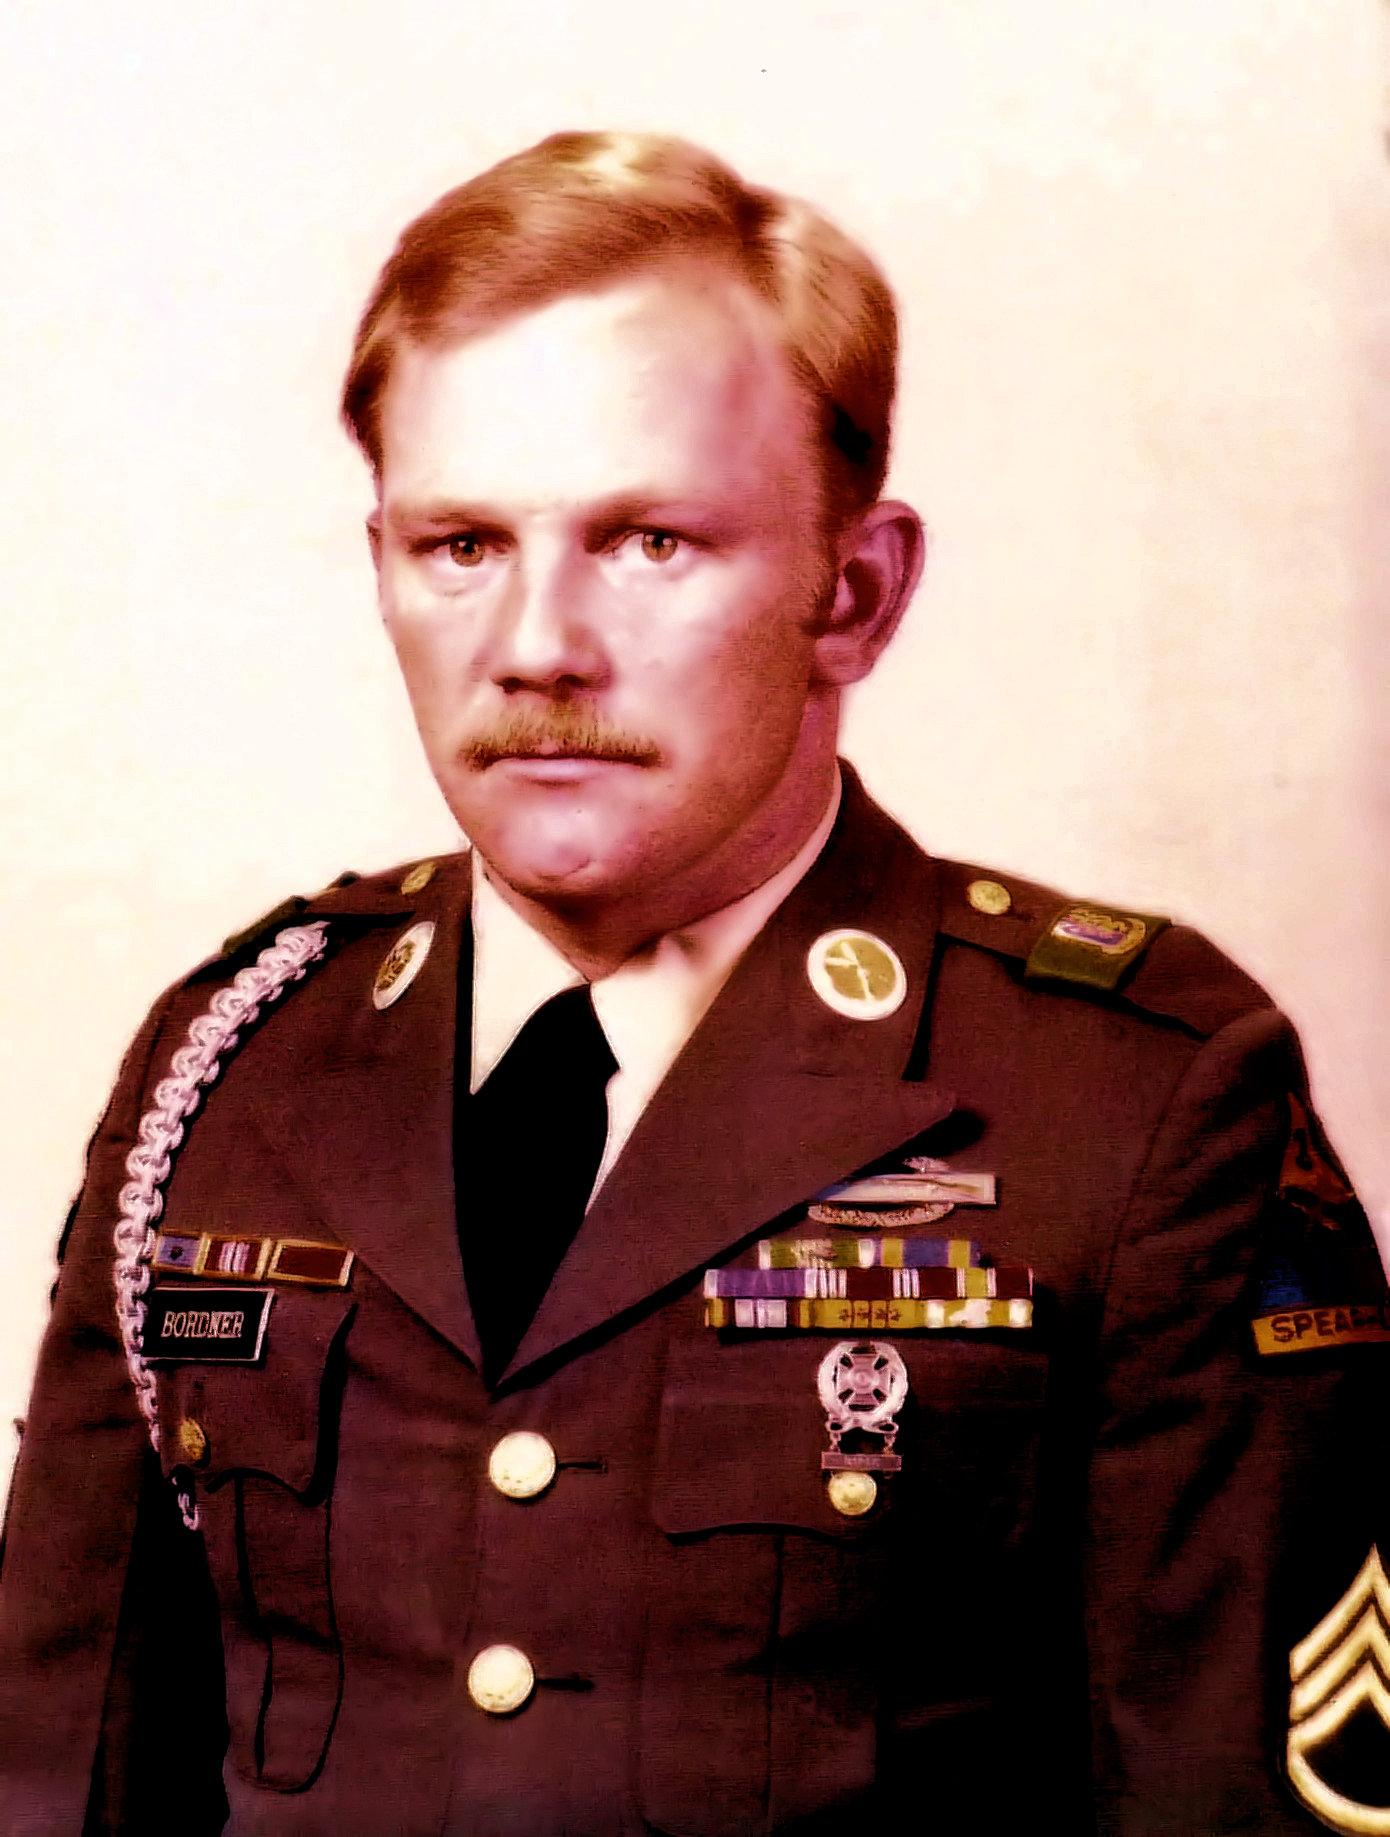 Elmer Bordner